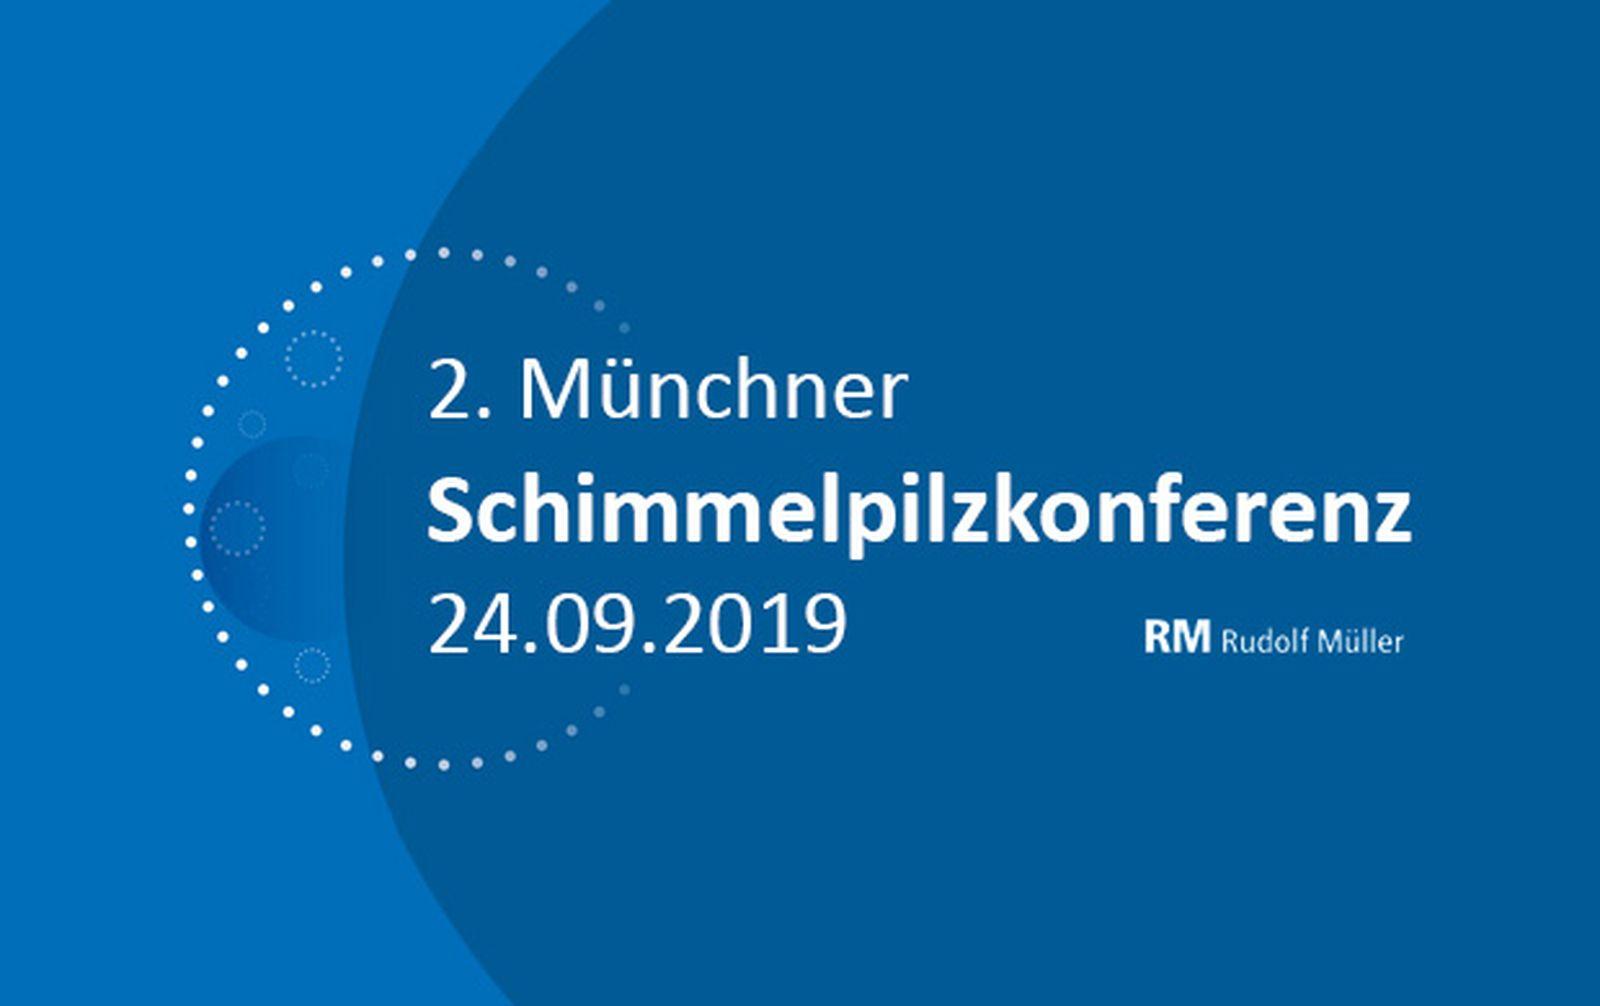 Die GBA als Aussteller auf der 2. Münchner Schimmelpilzkonferenz